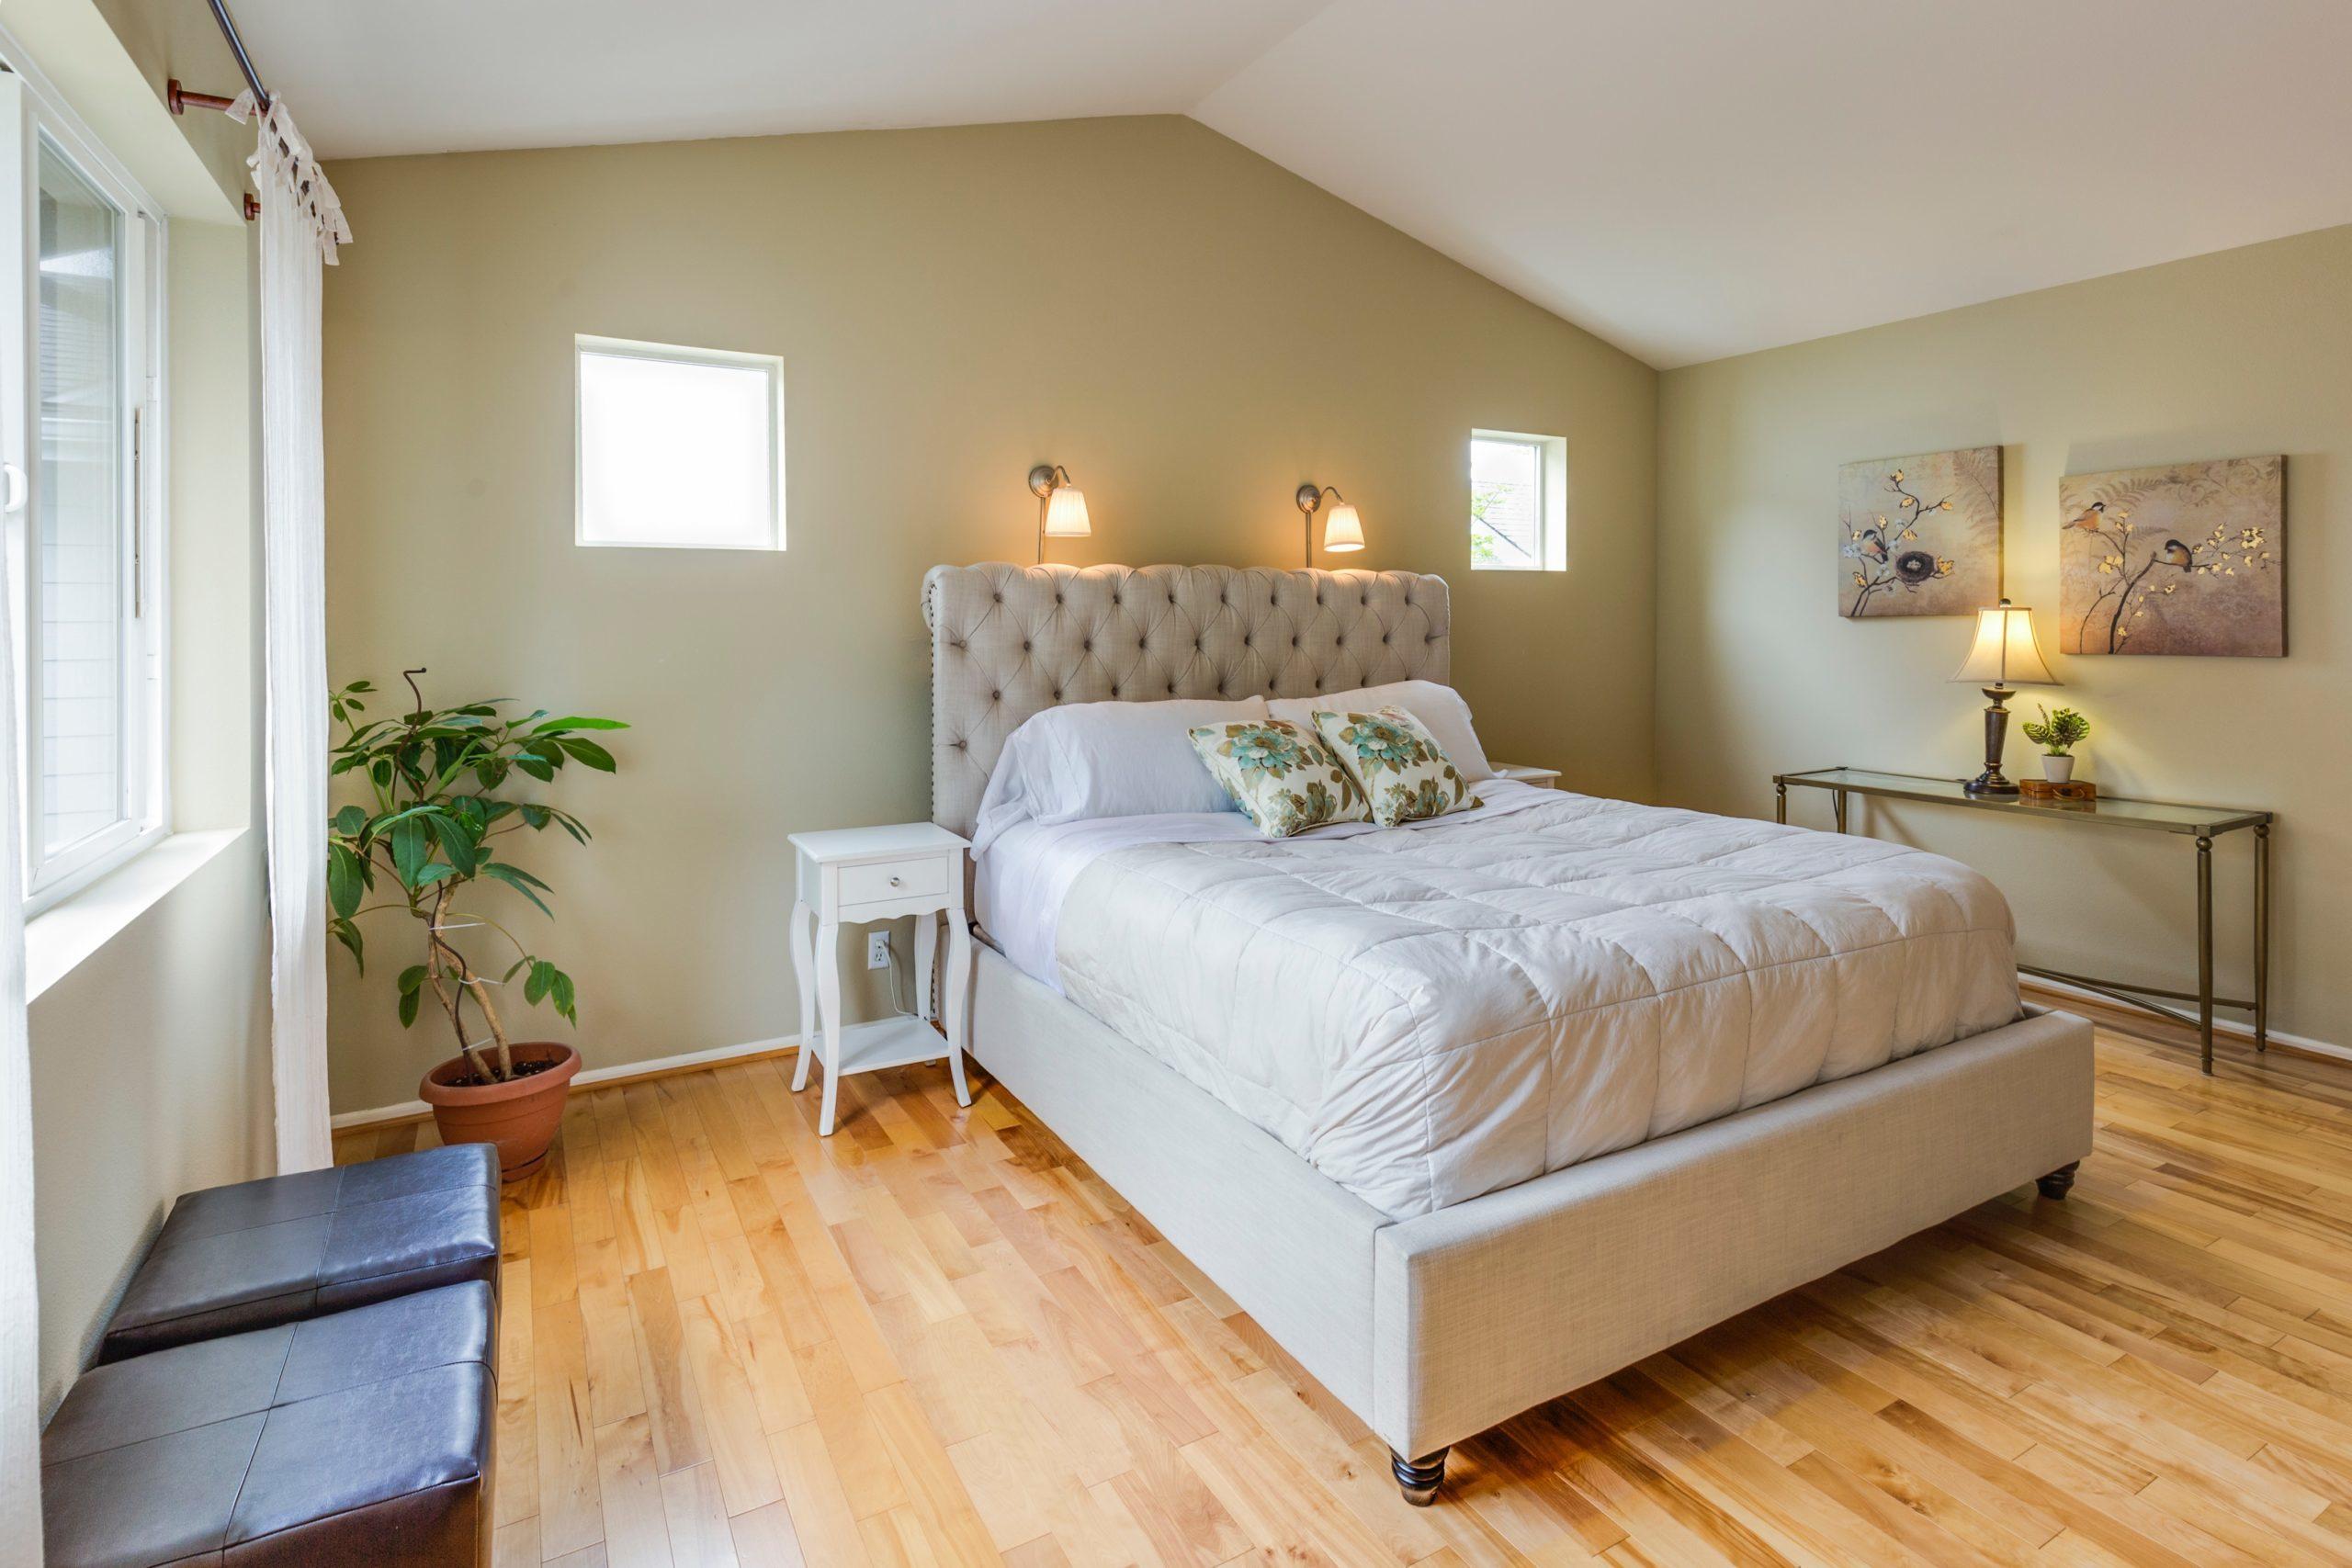 Jak wybrać łóżko małżeńskie do małej sypialni?